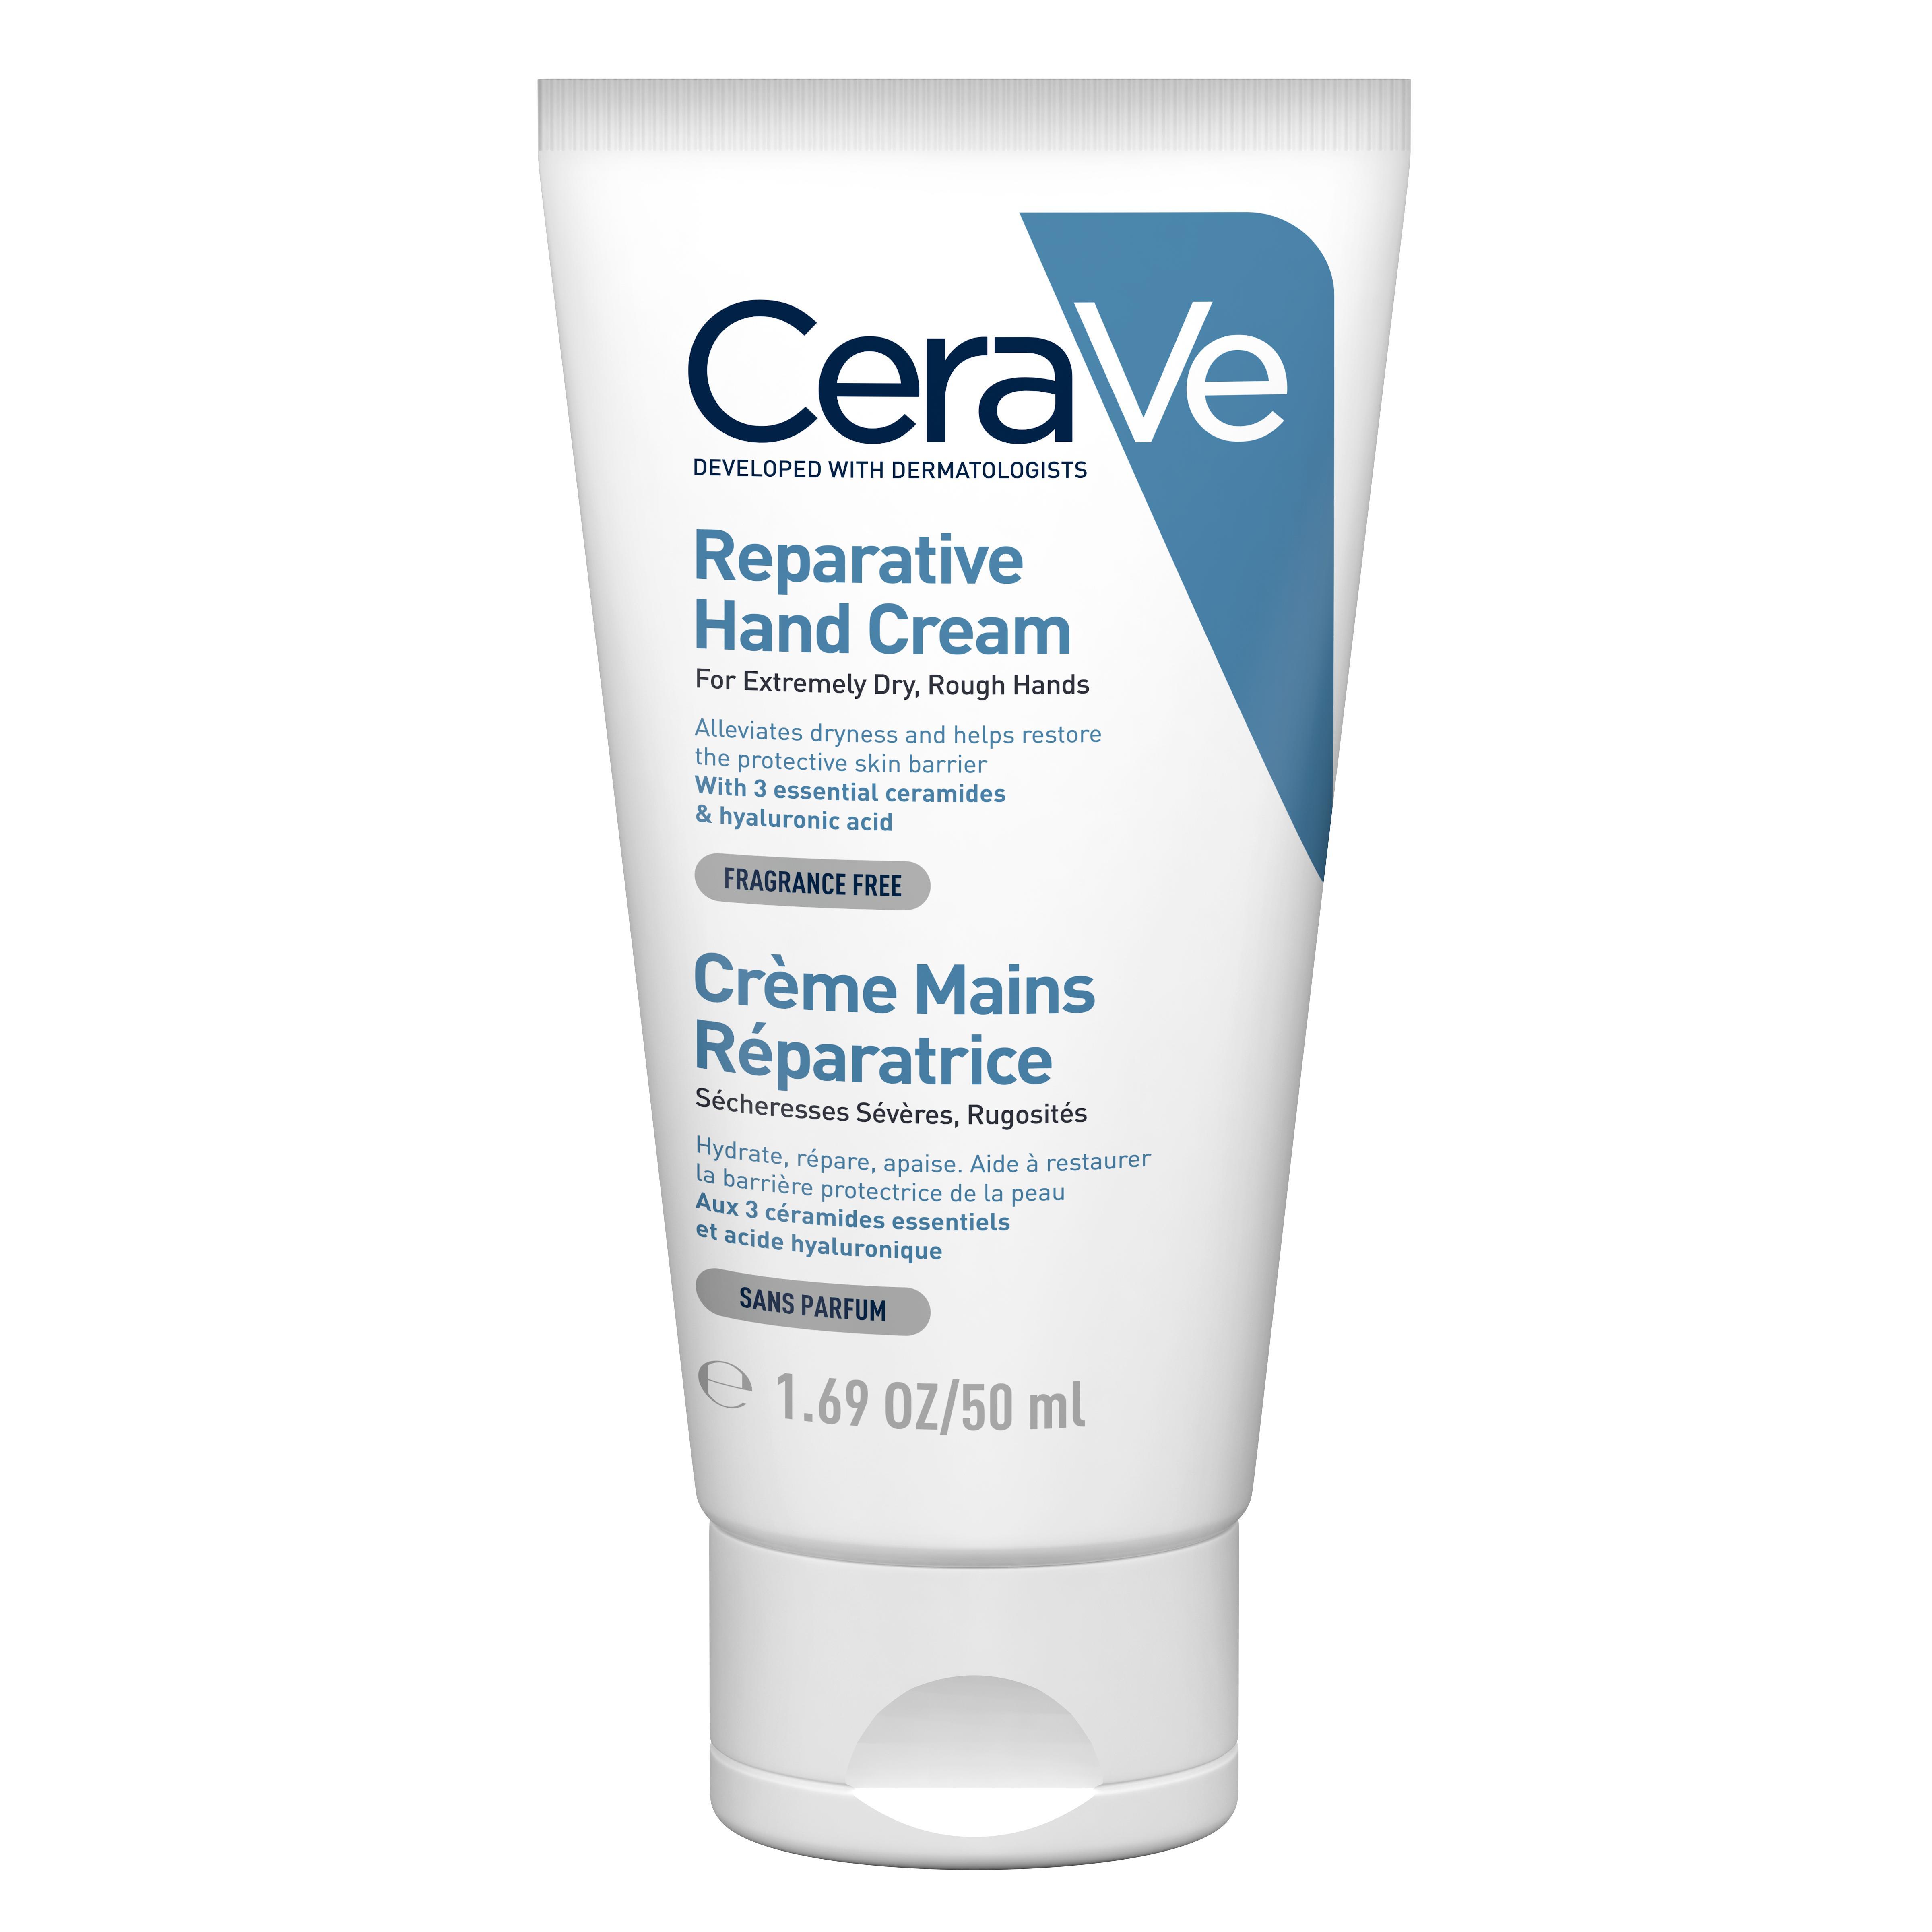 Image of Cerave crème mains réparatrice